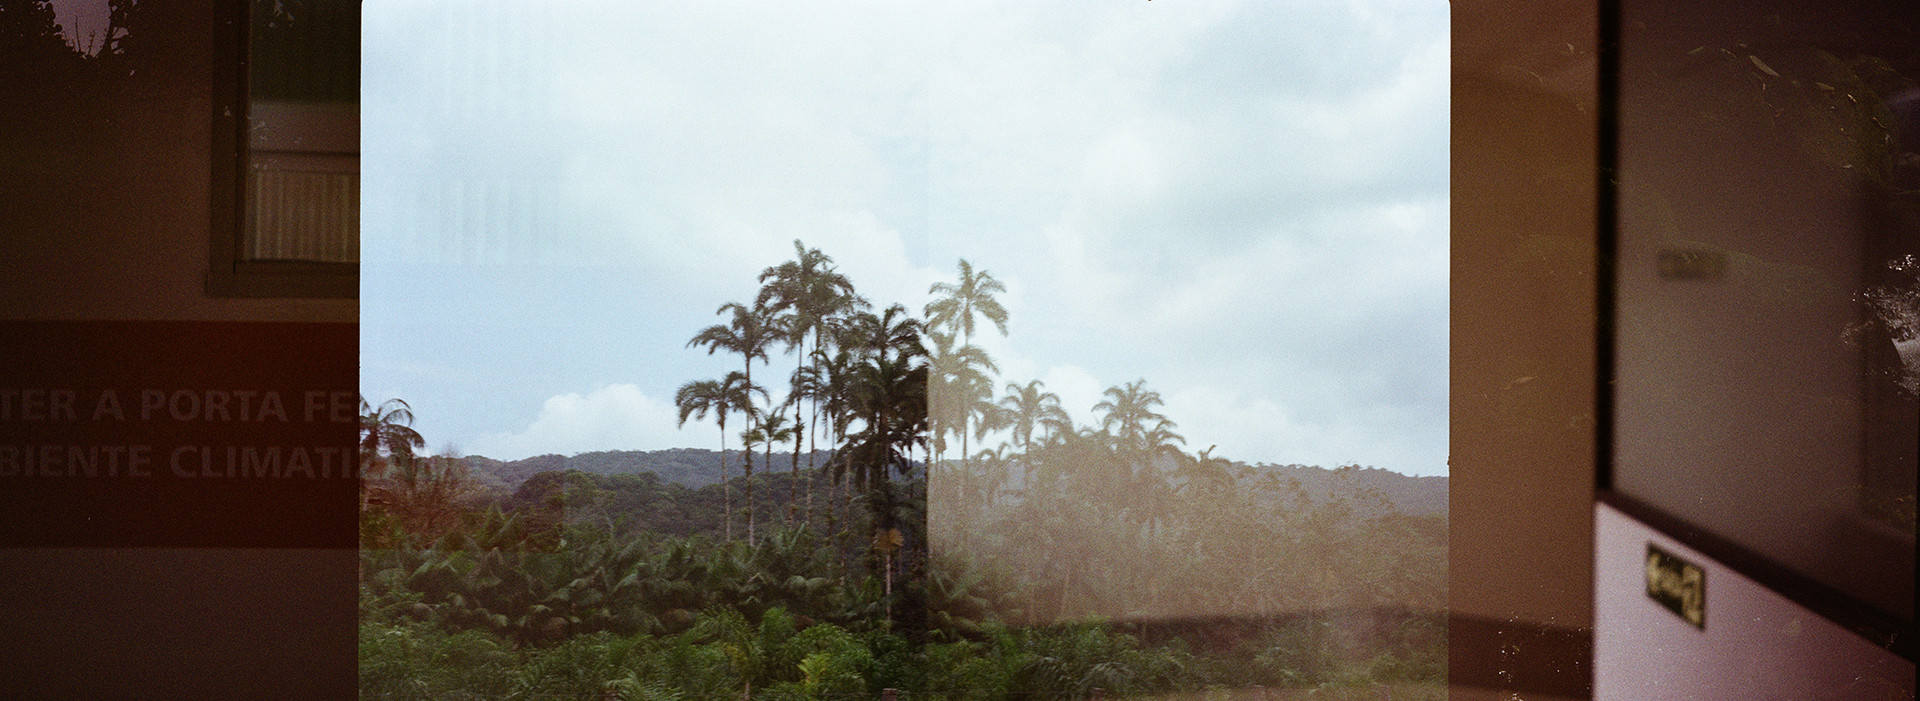 panorama-fotografia-de-Cayo-Vieira-006.j